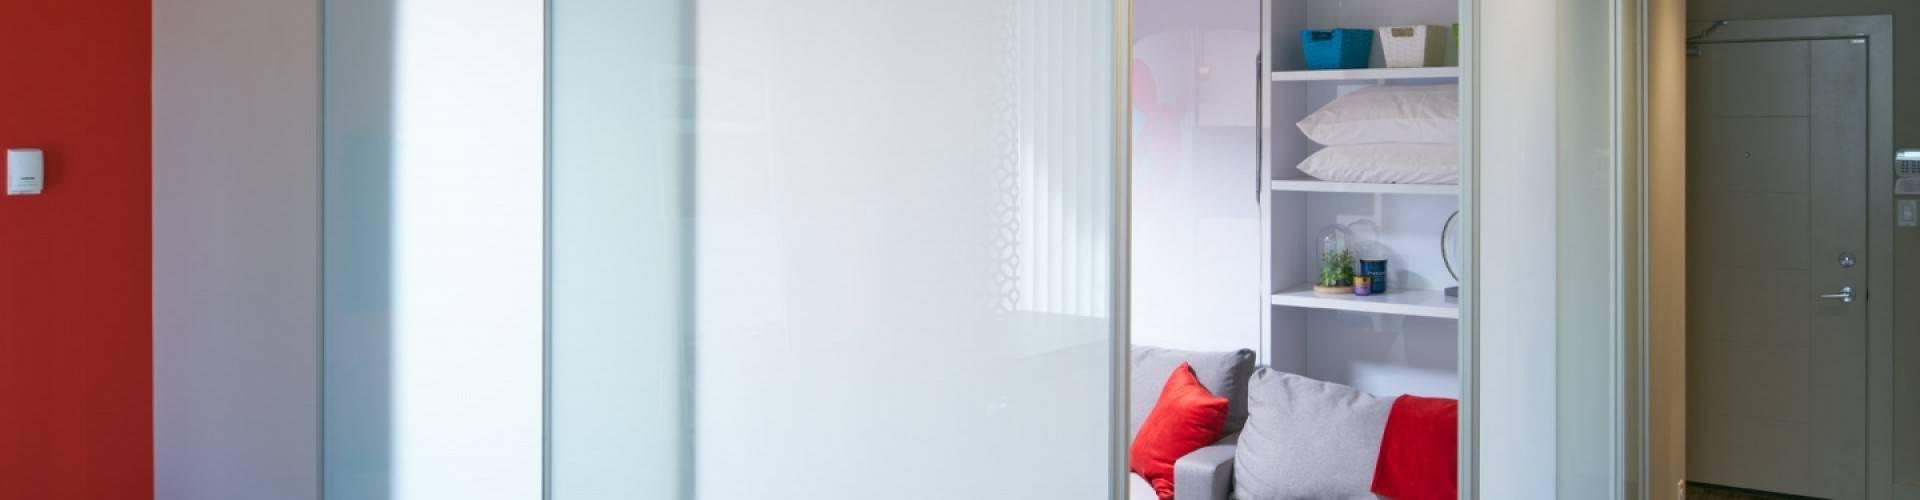 modern sliding glass room divider